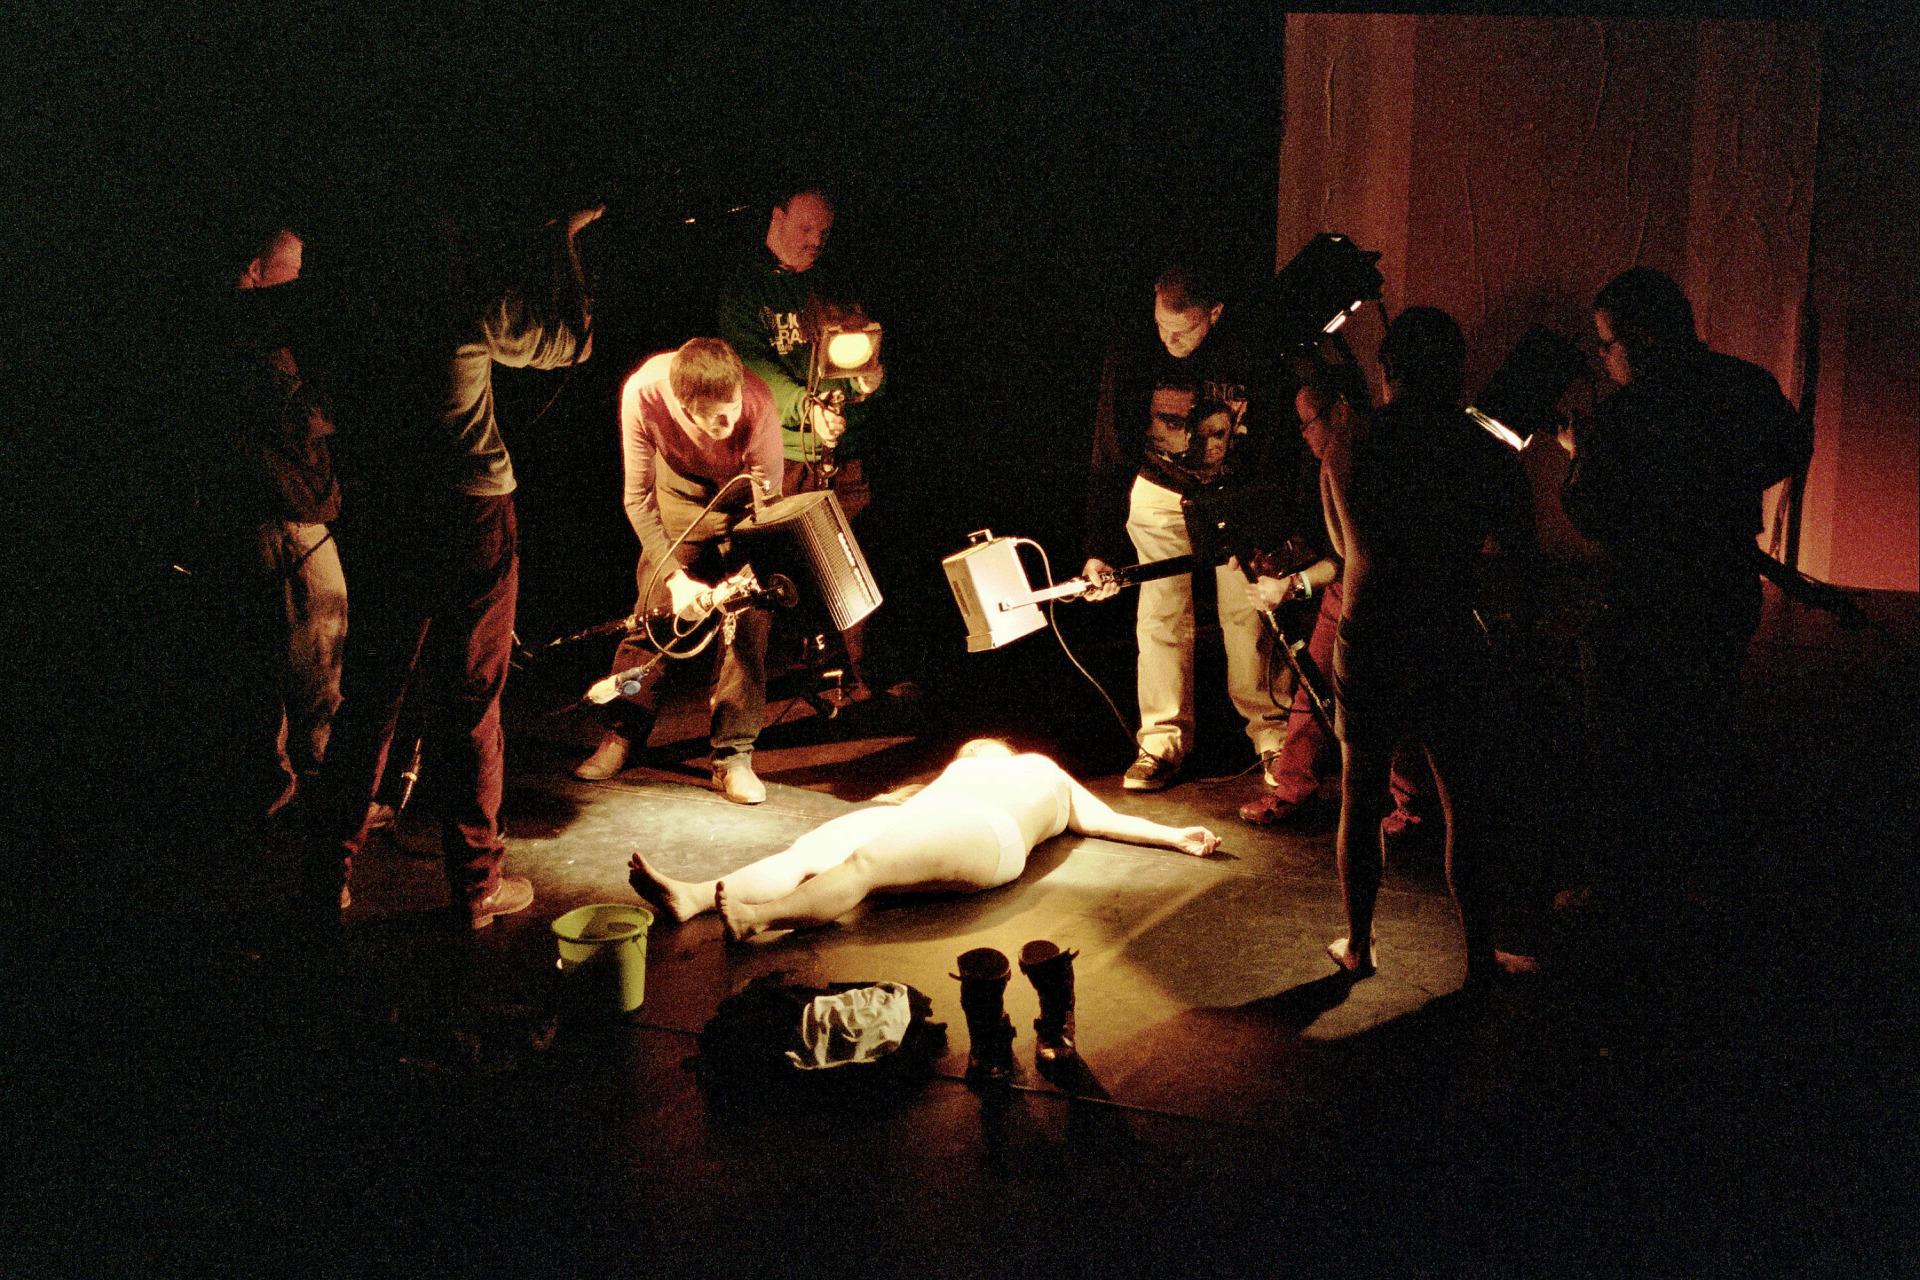 cinema dingolfing sex auf der party